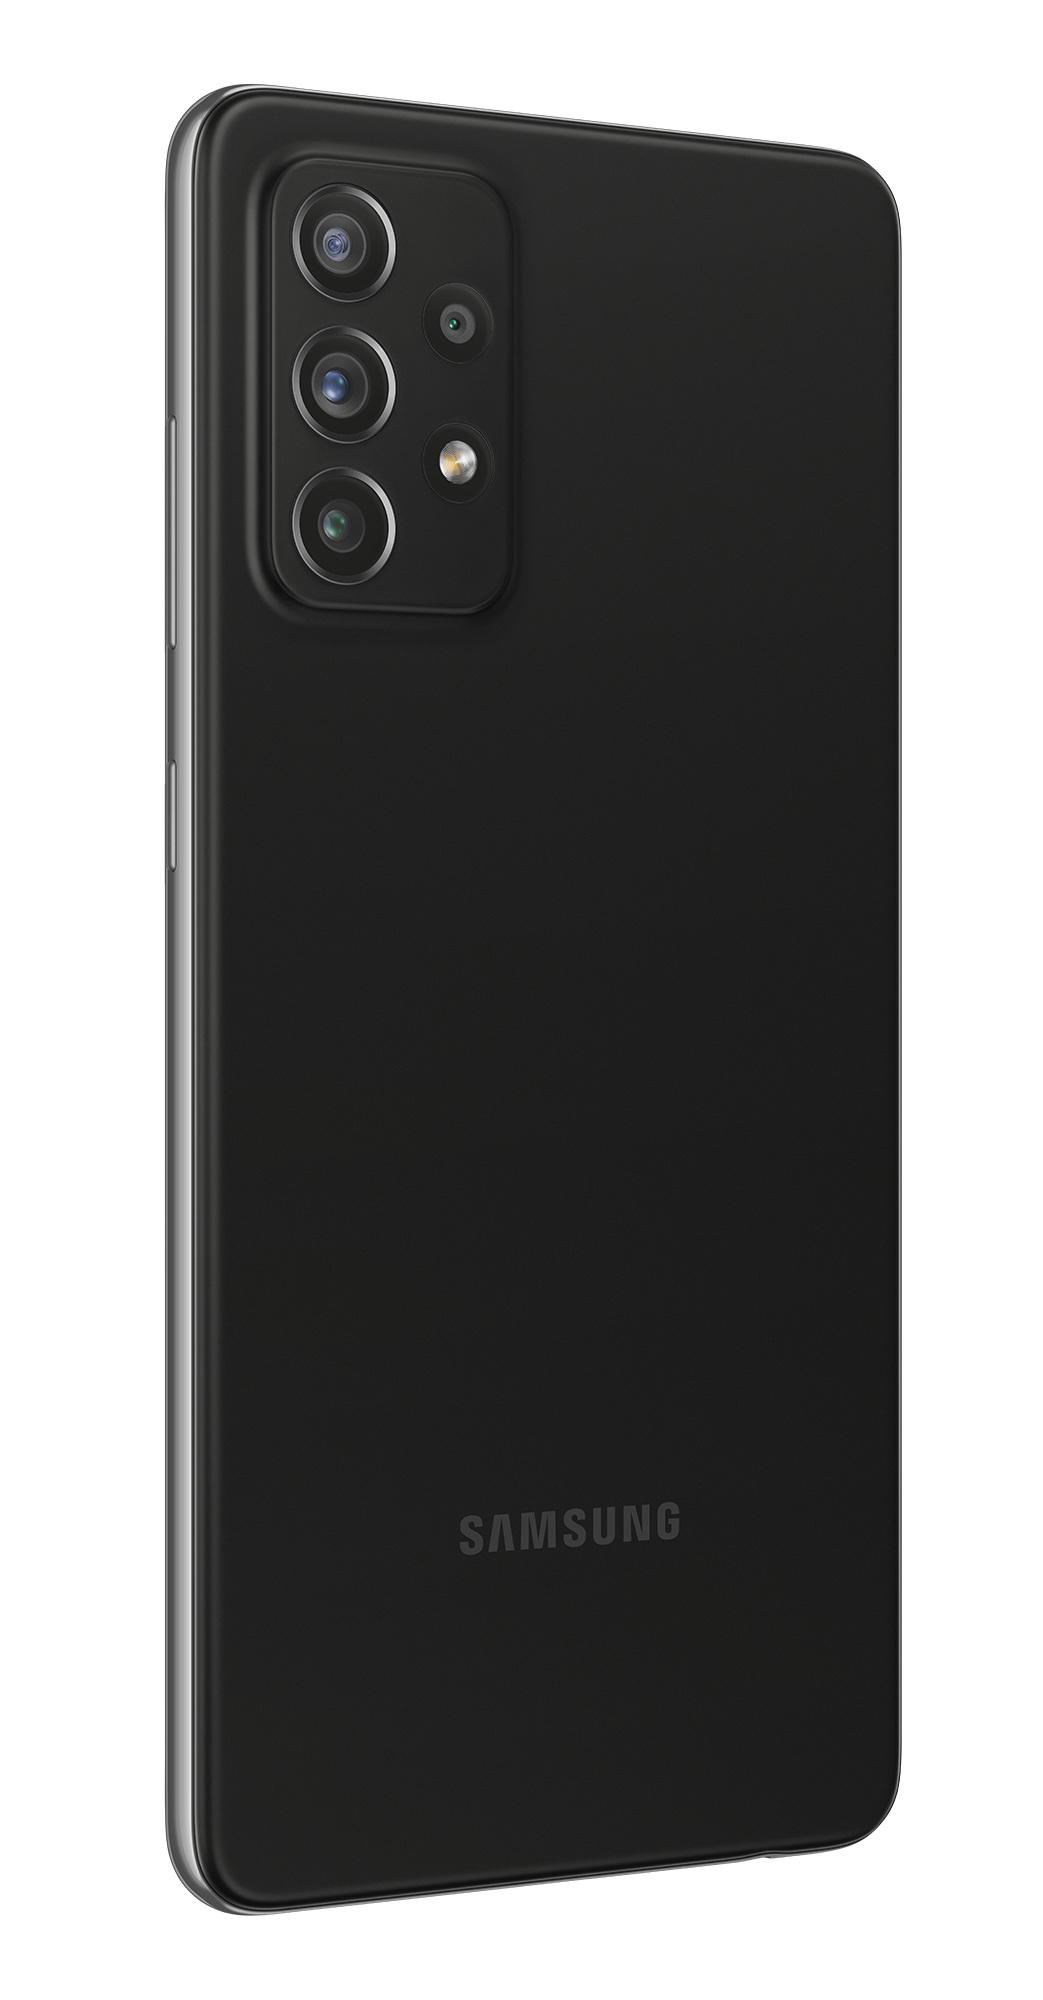 Samsung Galaxy A72 LTE 8GB-256GB Screen 6.7inch Awesome Black SMA725FZ-256GBB